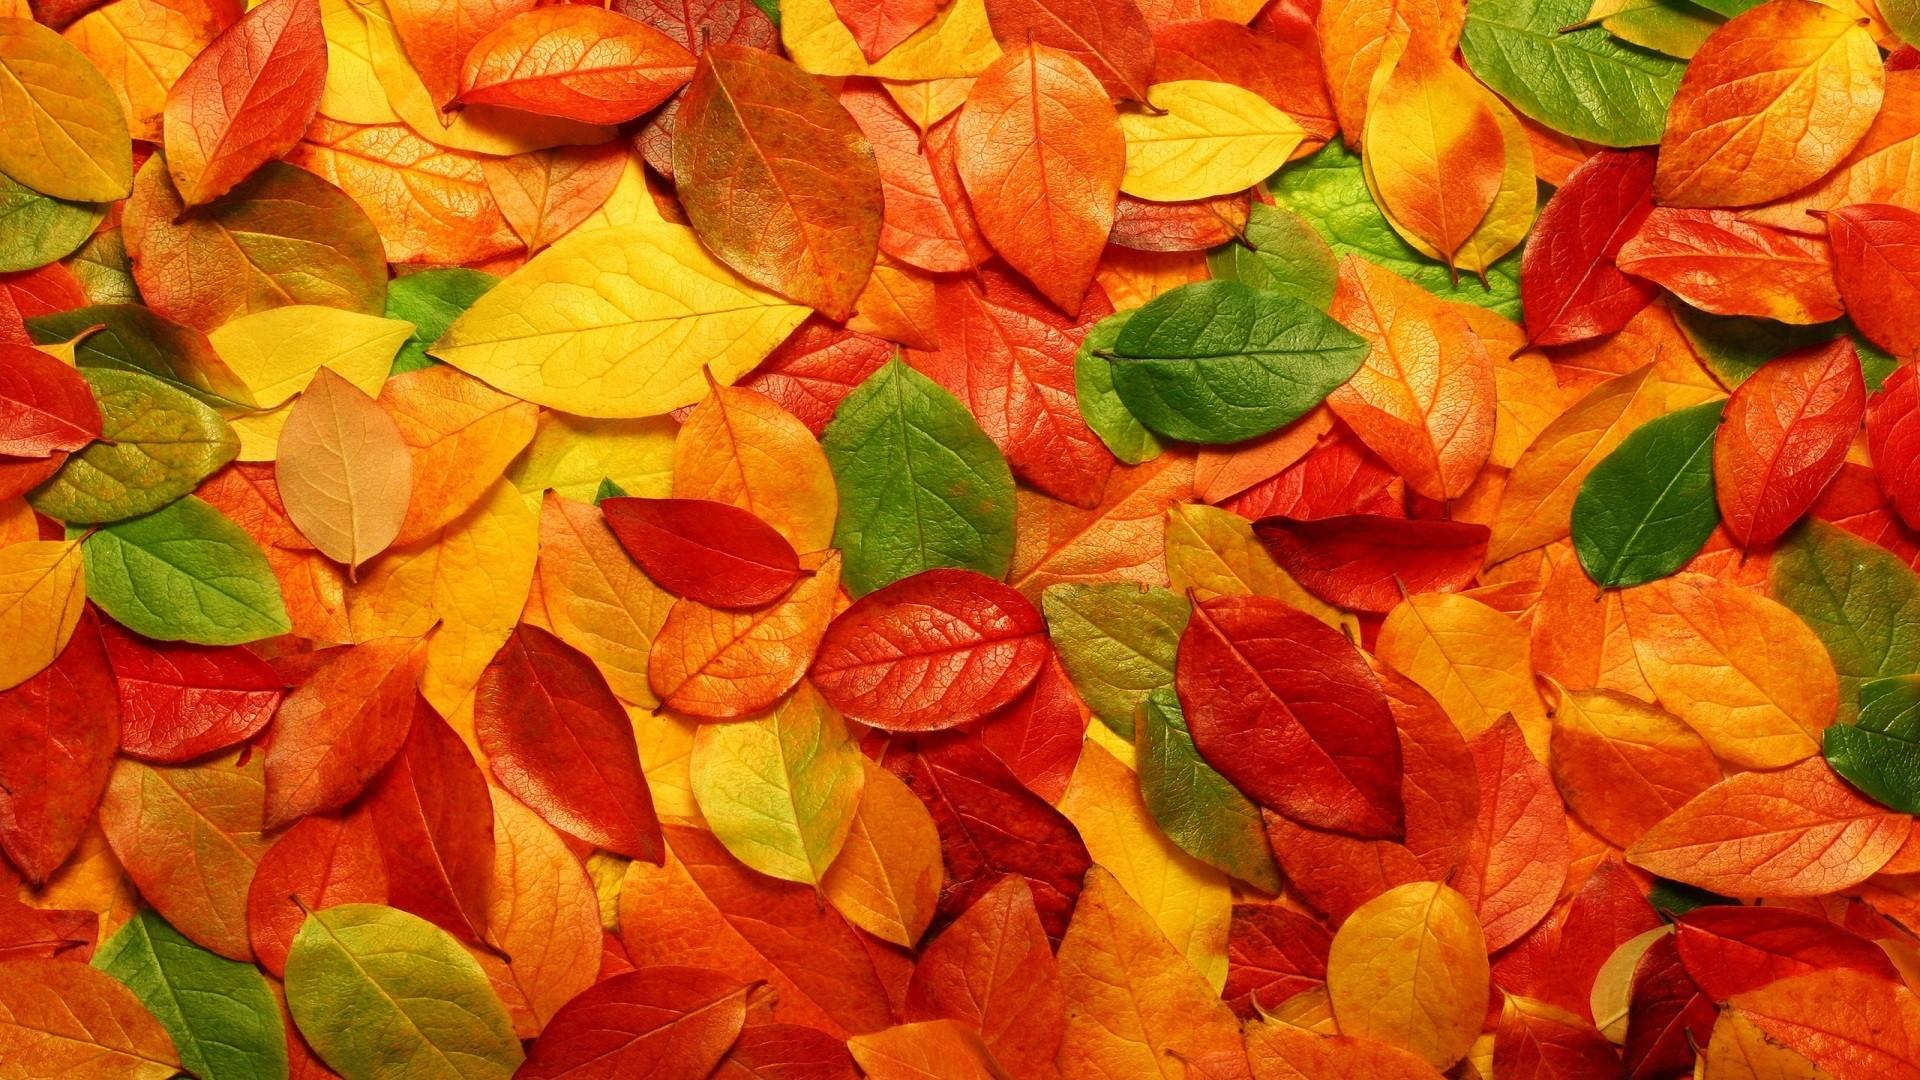 Fall Pumpkin Iphone Wallpaper Autumn Desktop Wallpaper 183 ① Download Free Stunning Full Hd